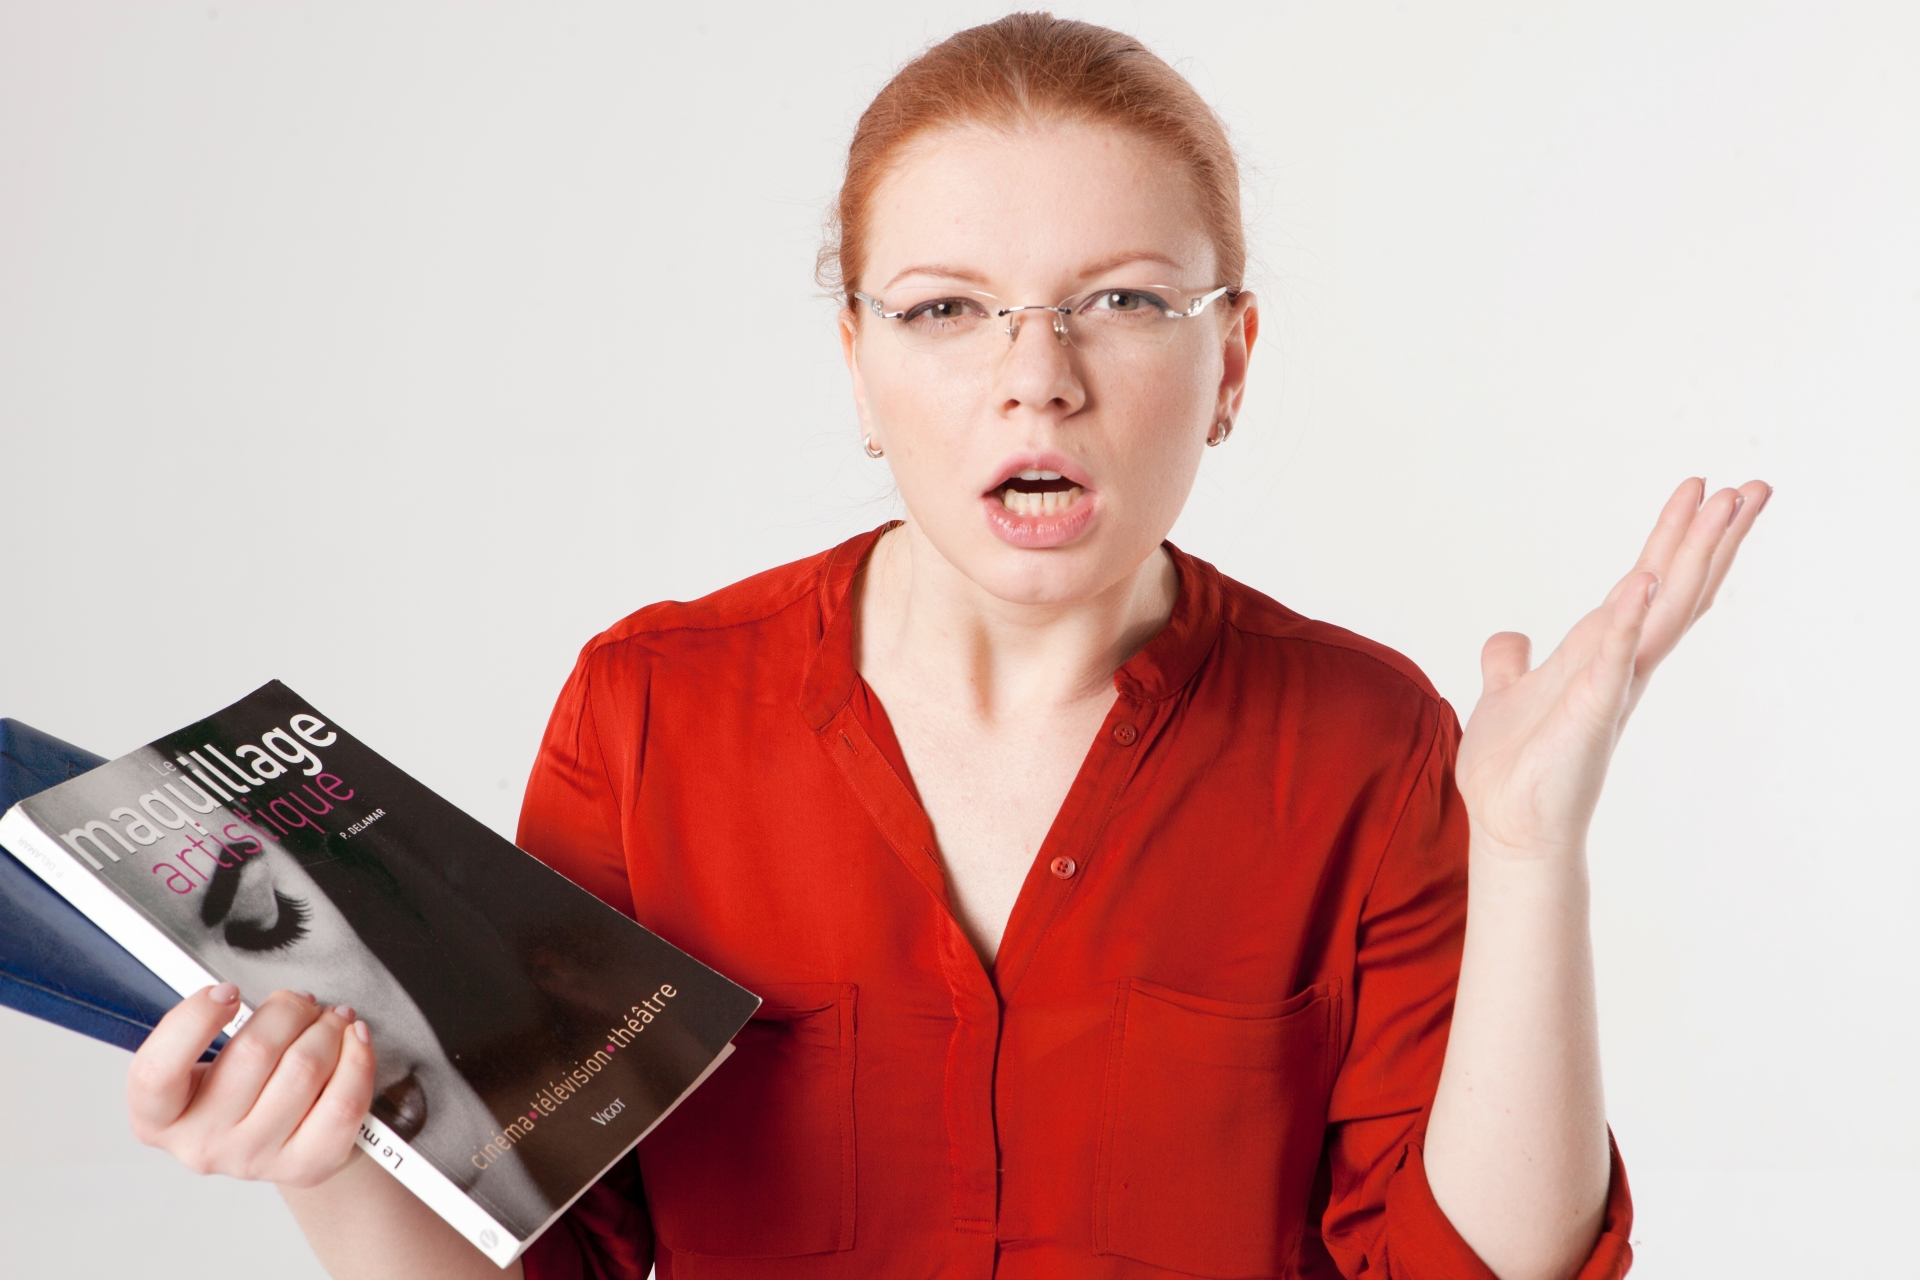 英会話講師を辞めたい人へ=つらい仕事を上手に辞める方法